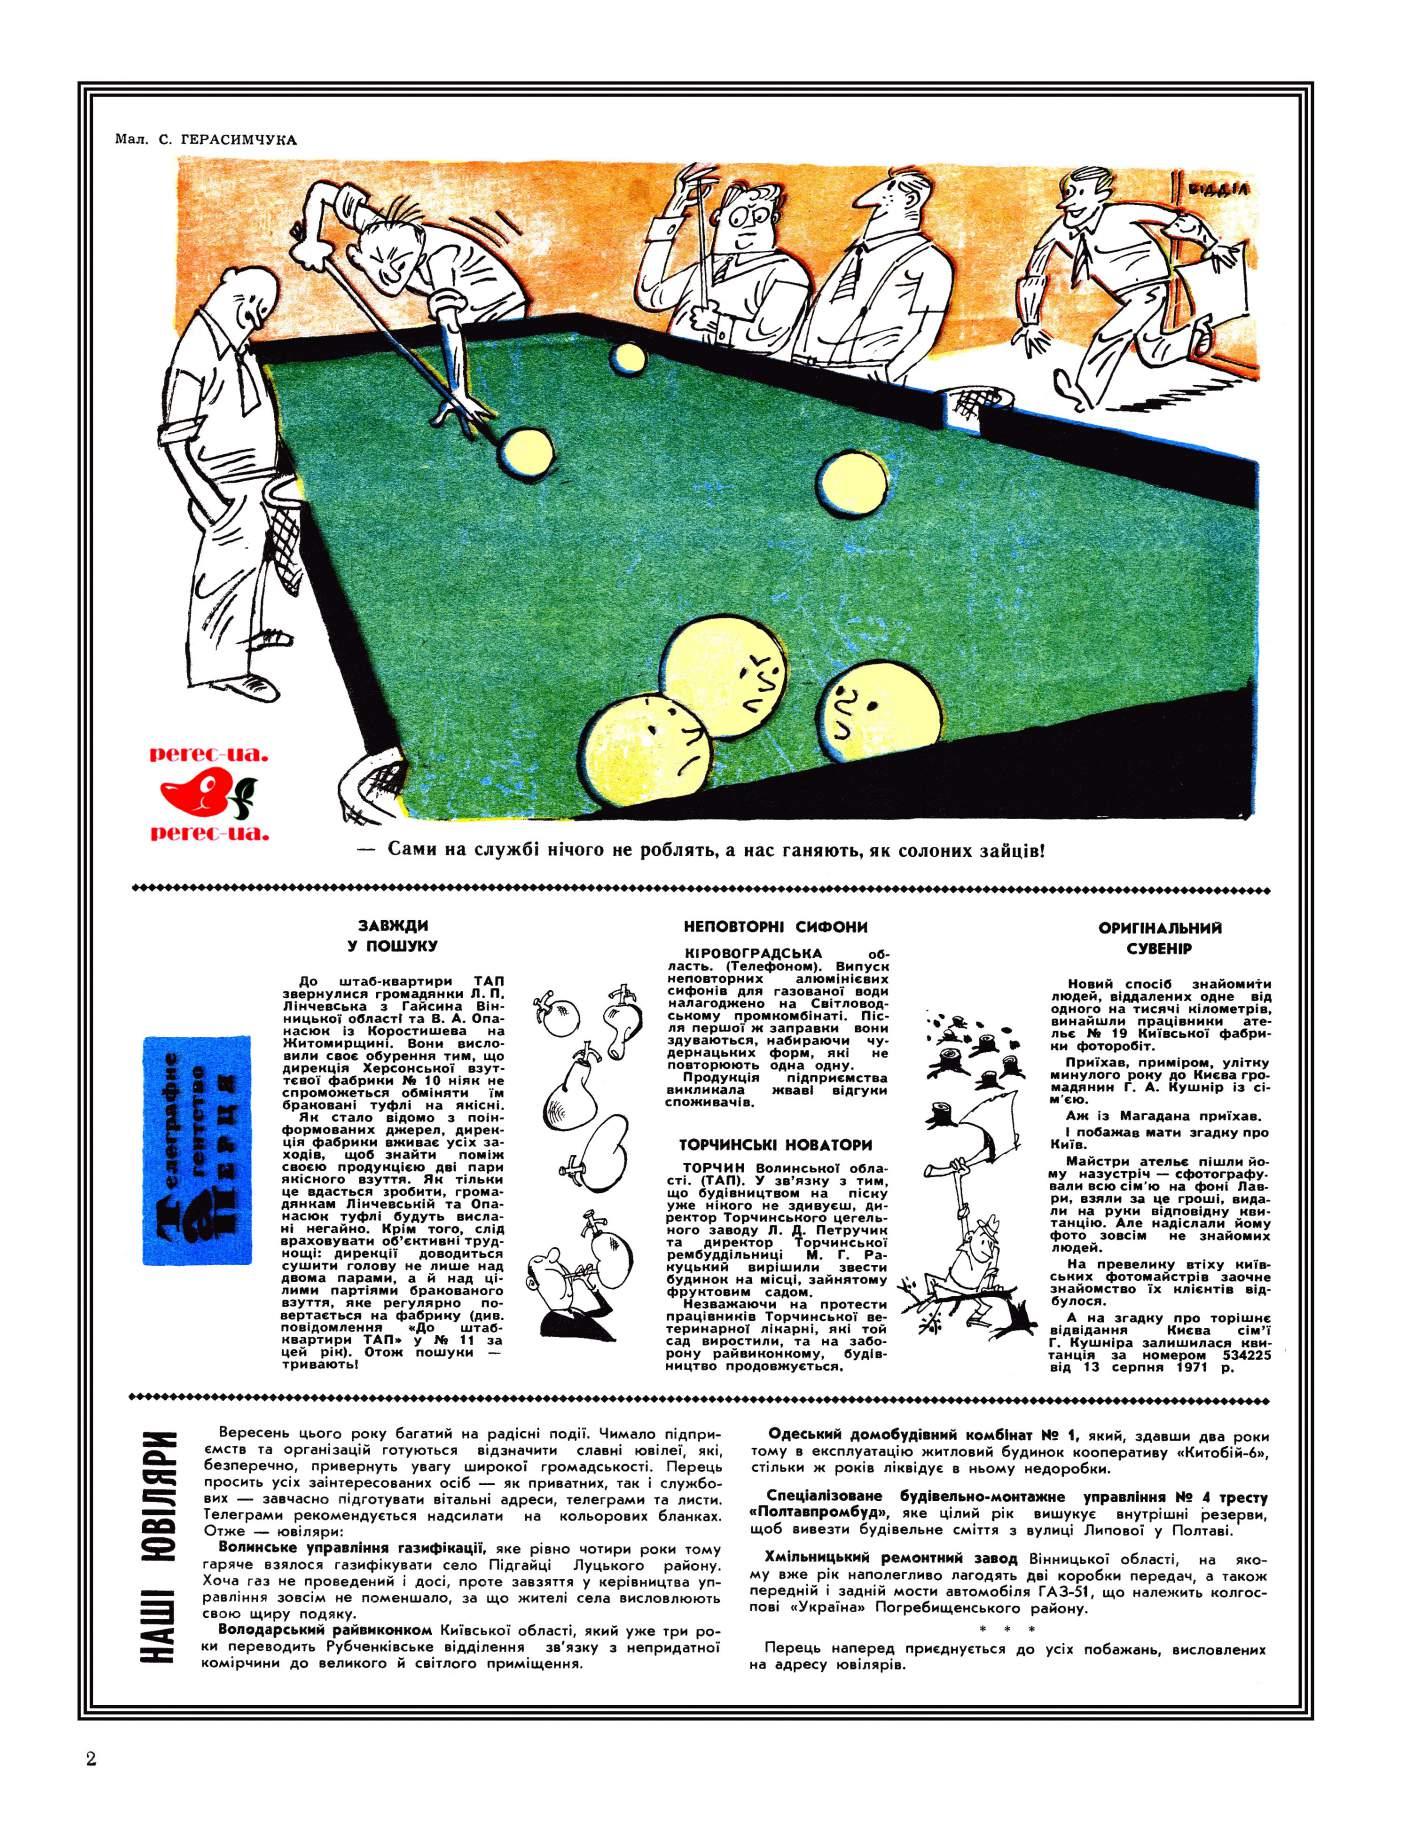 Журнал перець 1972 №17